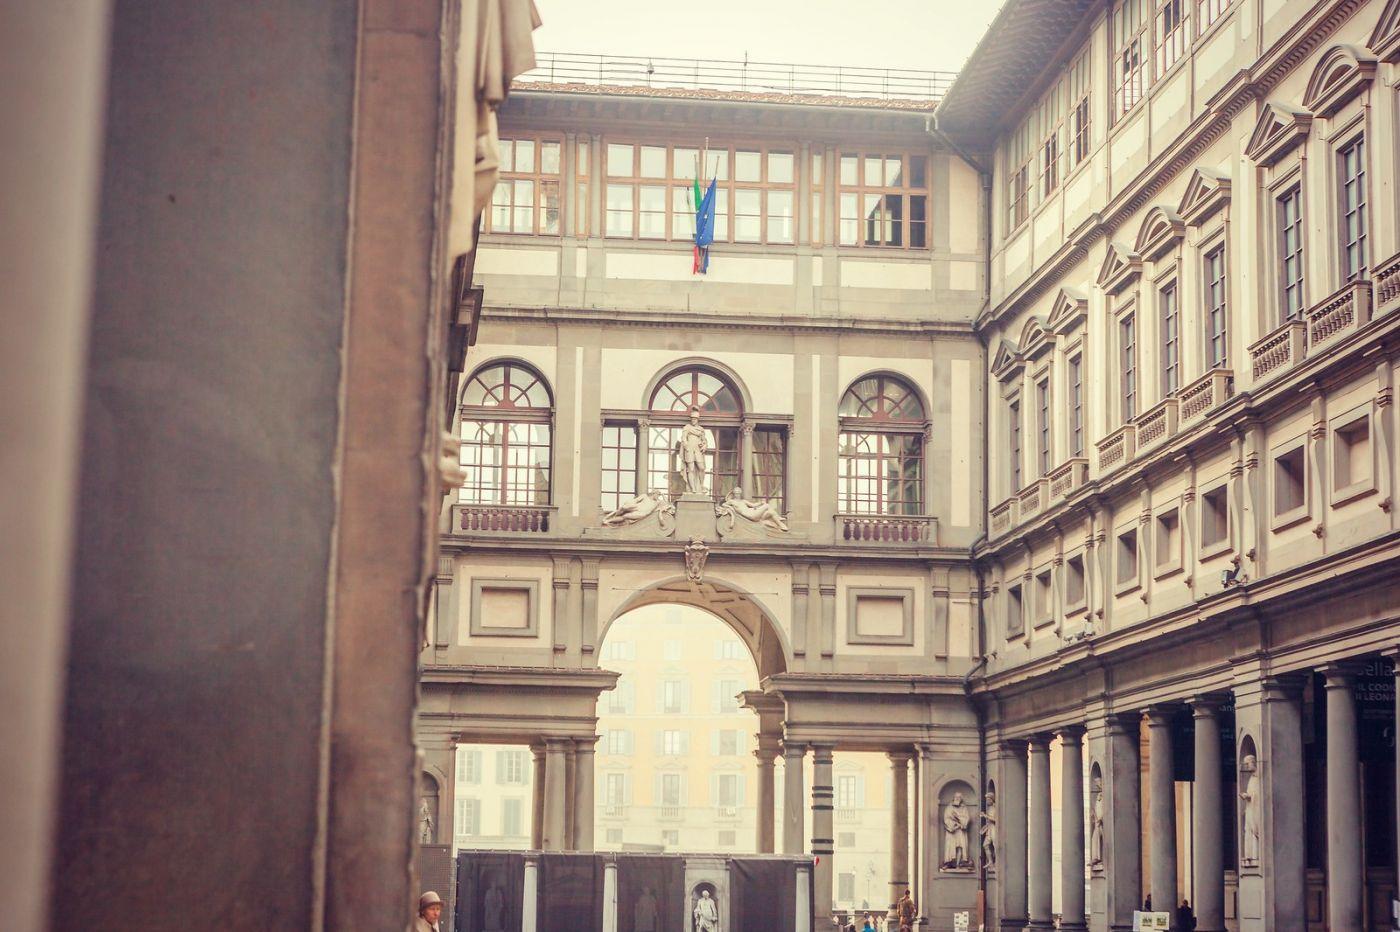 意大利佛罗伦斯乌菲兹美术馆, 进去看一看_图1-8